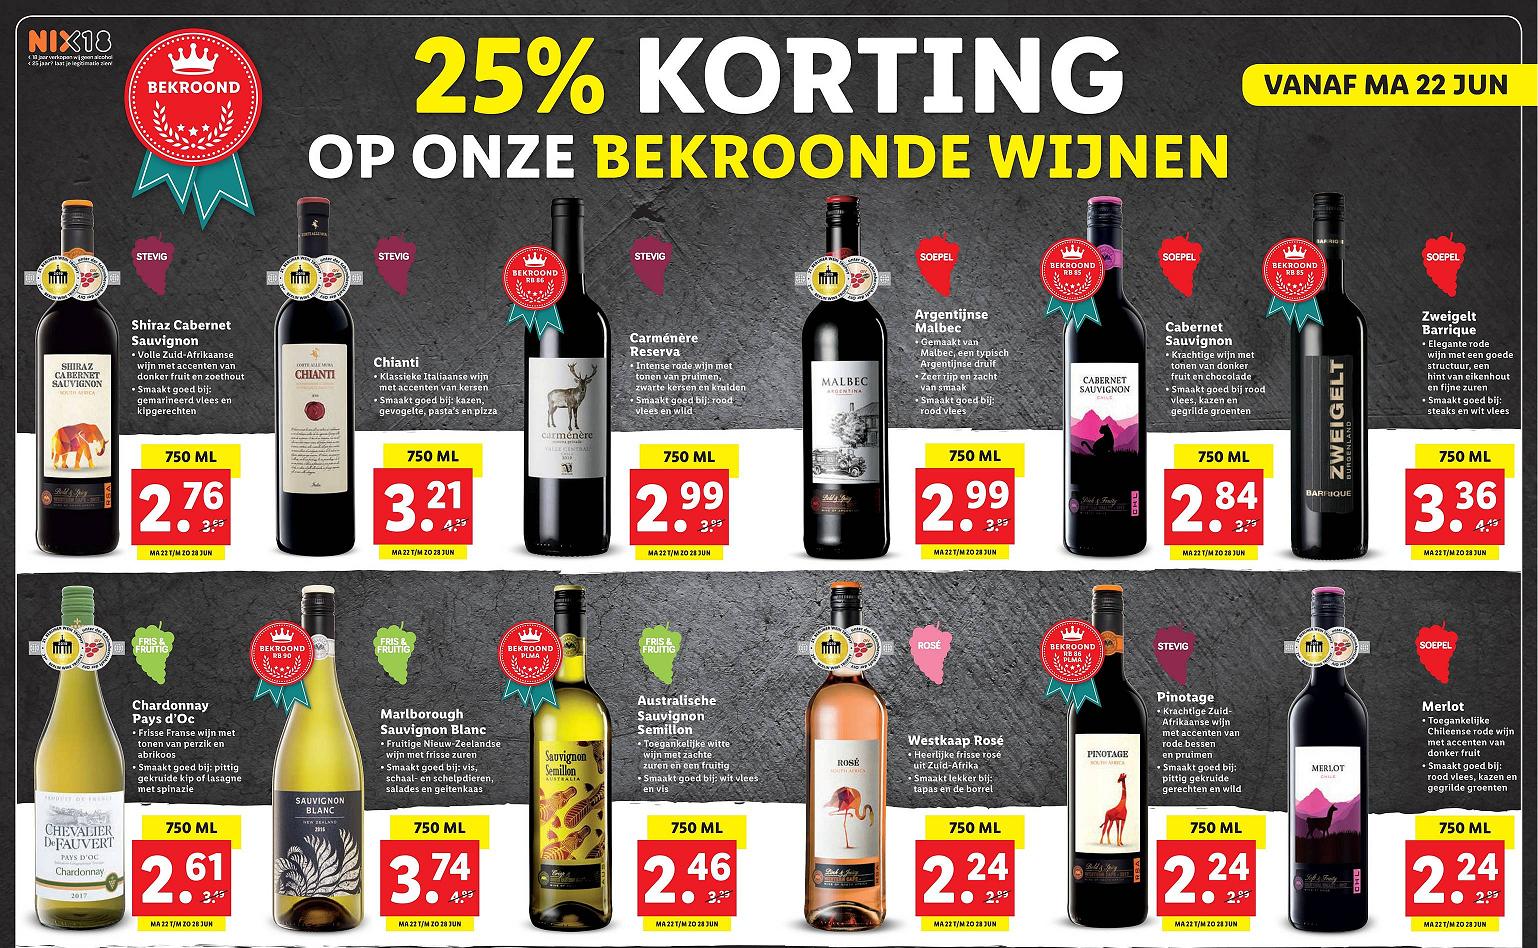 Super goedkope bekroonde wijn bij Lidl - vanaf €2,24 per 750ml